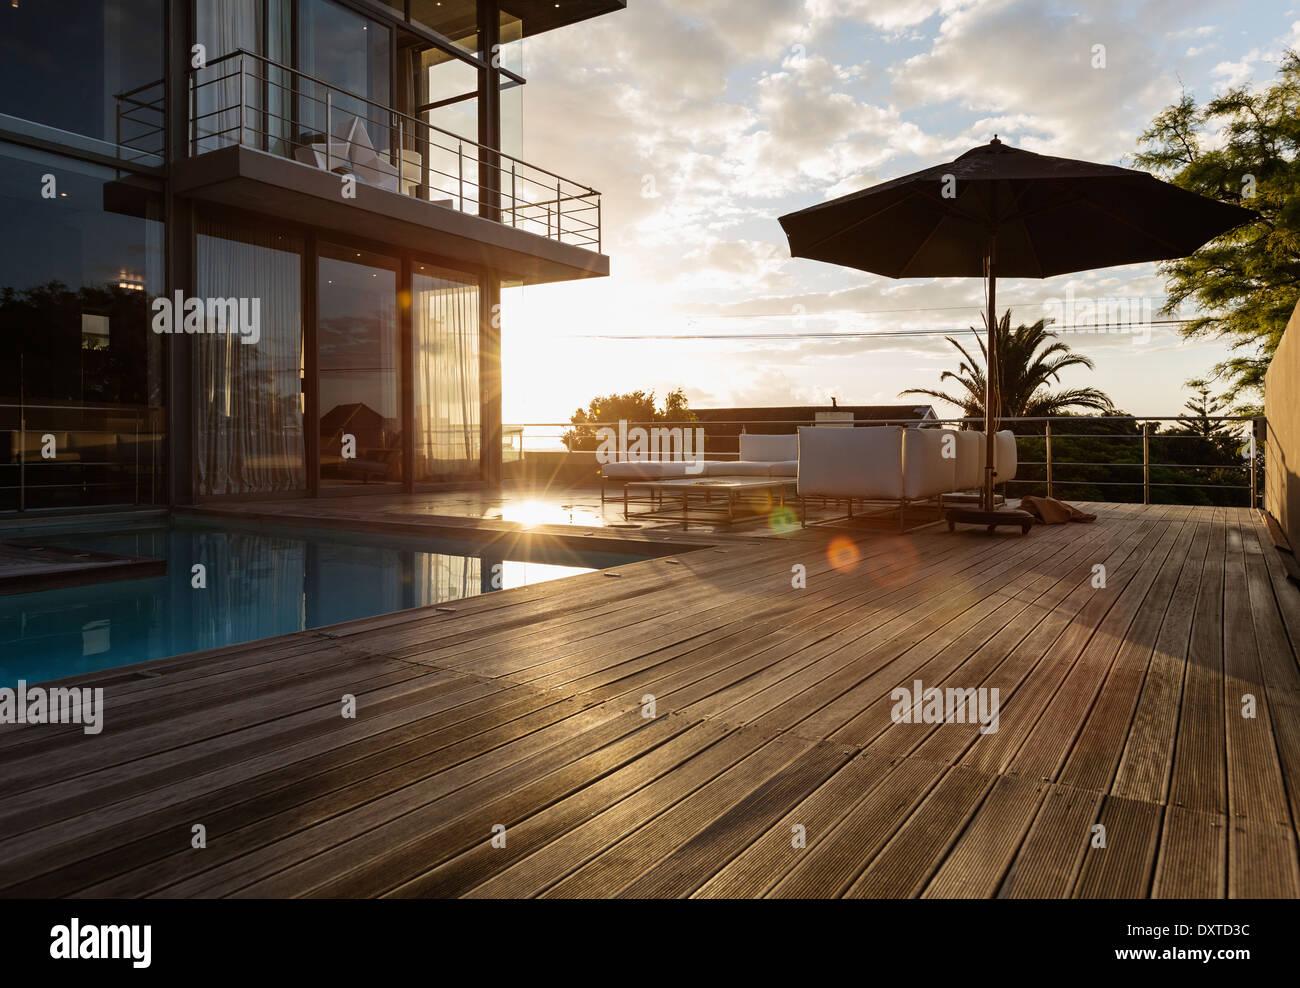 El sol detrás de la casa de lujo con piscina Imagen De Stock